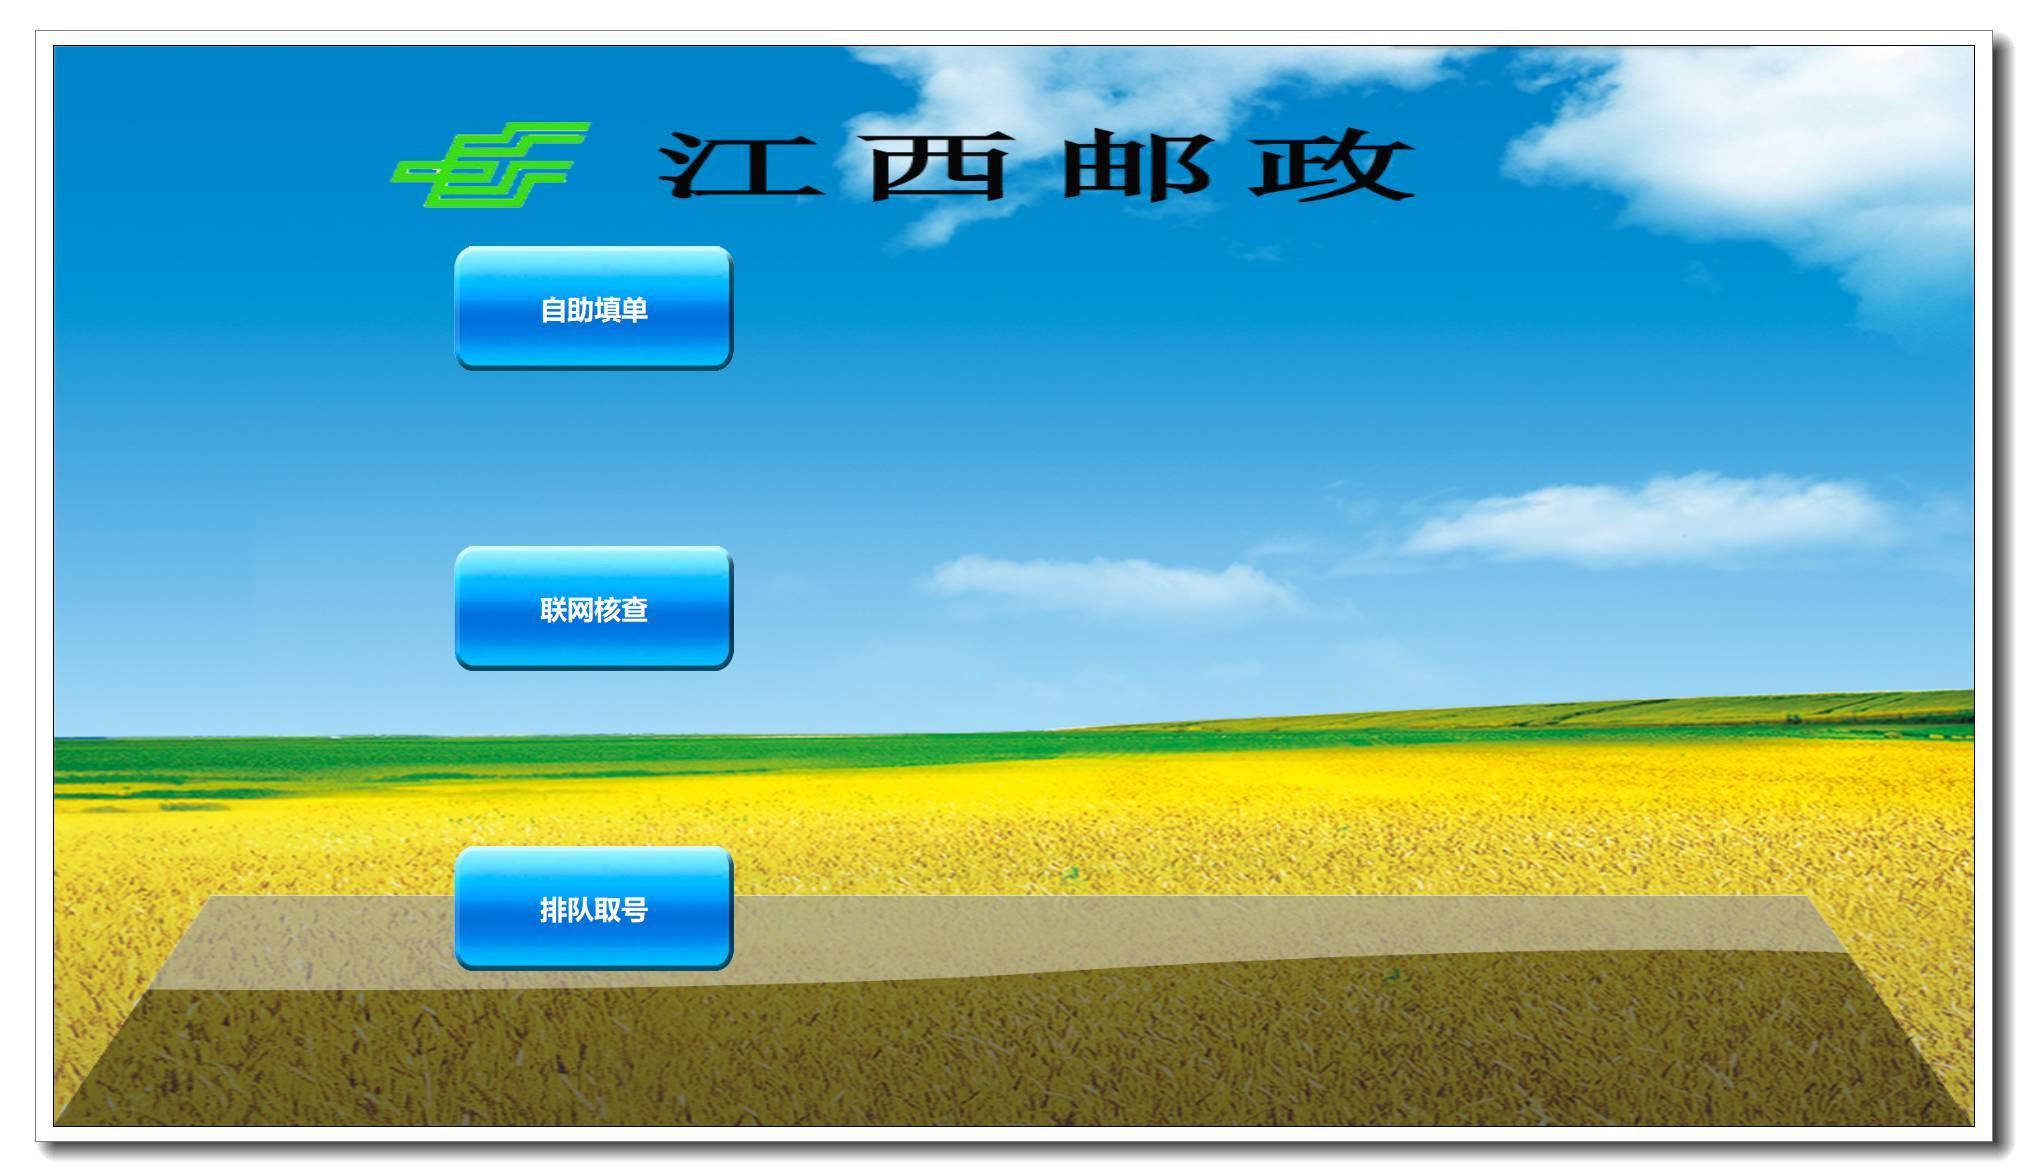 111江西邮政自助填单及精准营销系统